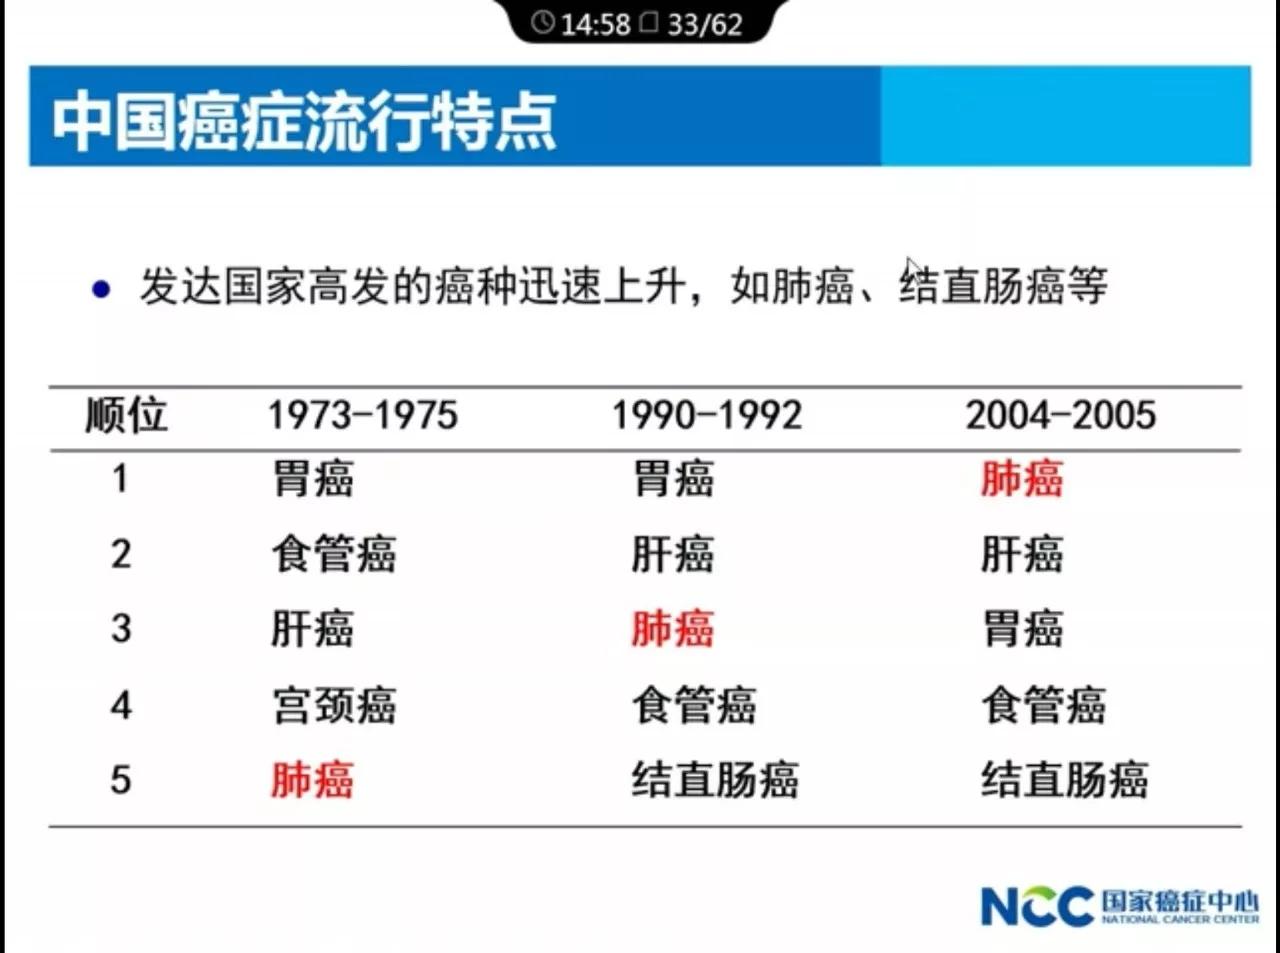 中国医科院肿瘤医院院长解读:2017年中国肿瘤的现况和趋势.webp (10).jpg